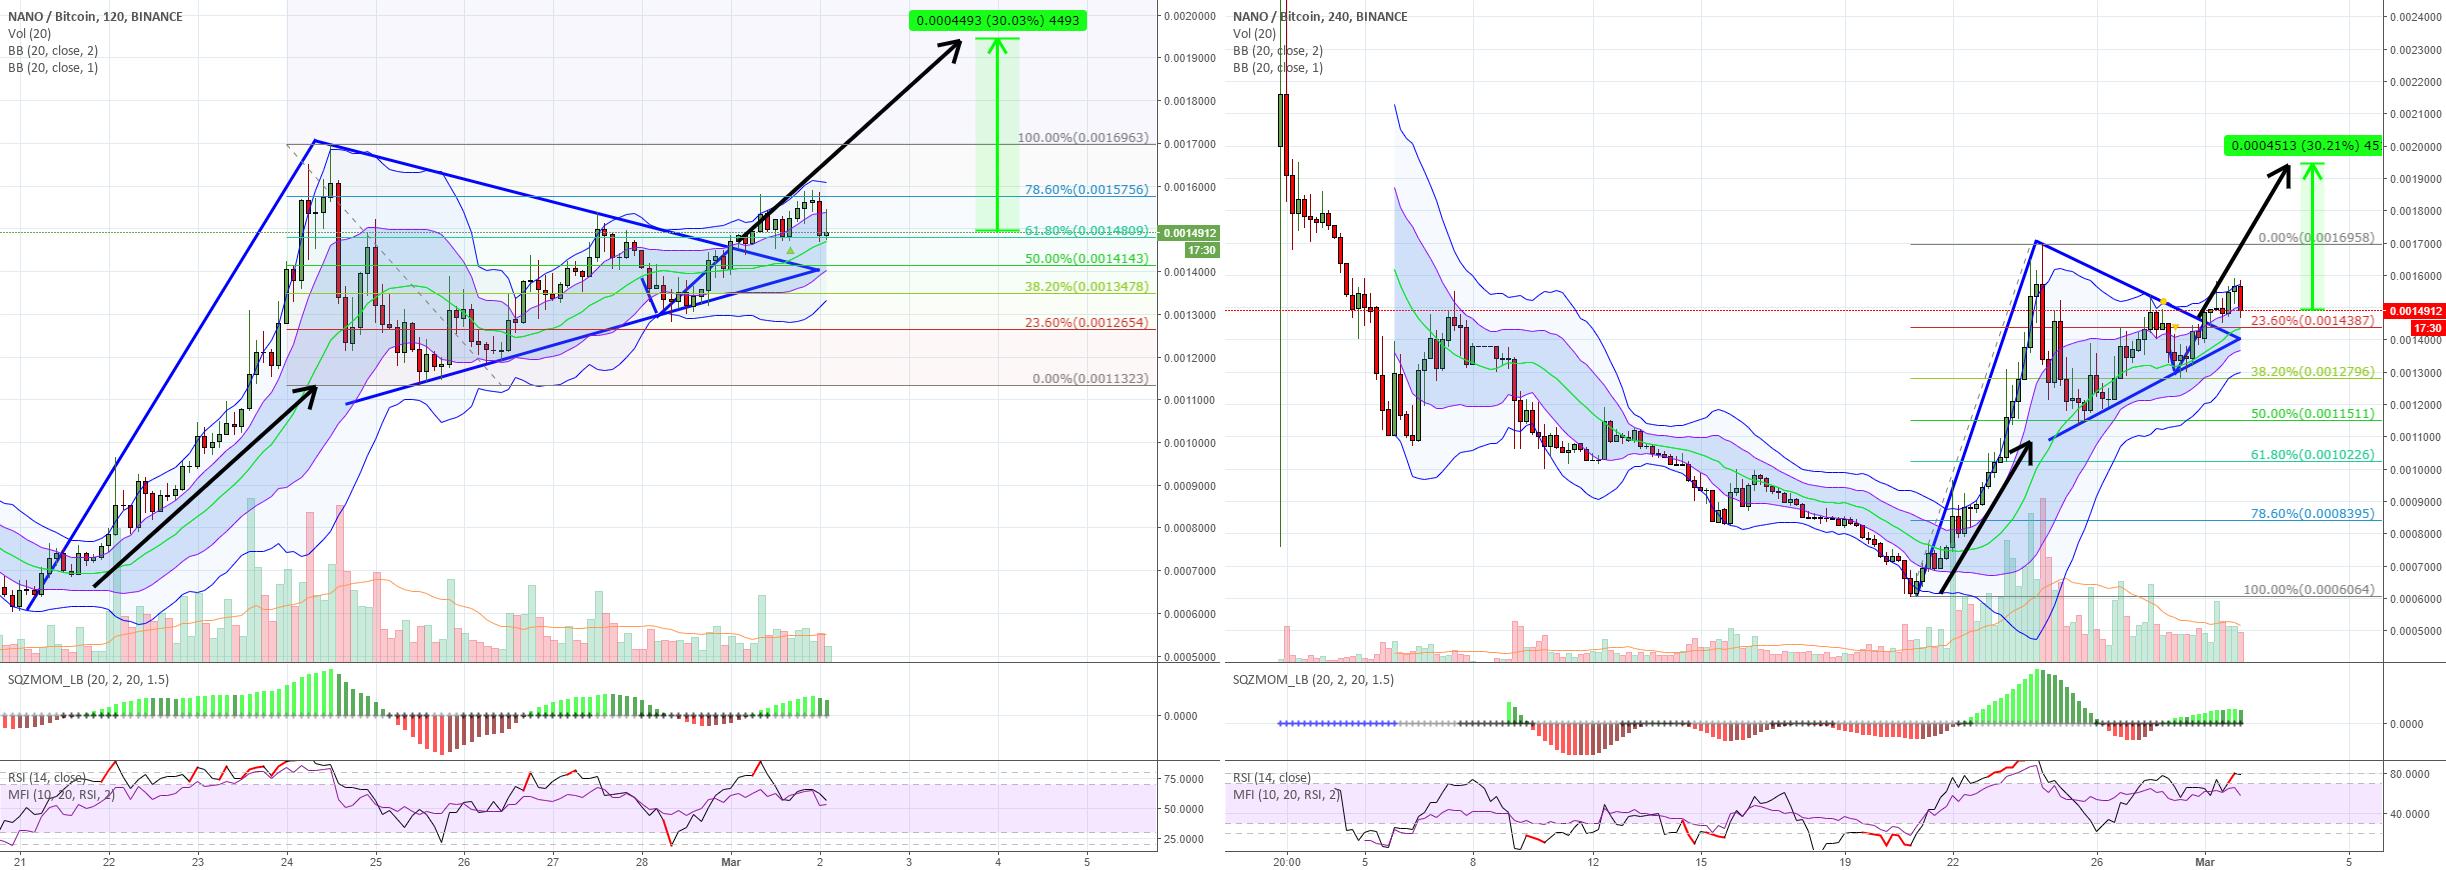 NANO 3/1 10:41pm EST symmetrical triangle - 30% gain breakout